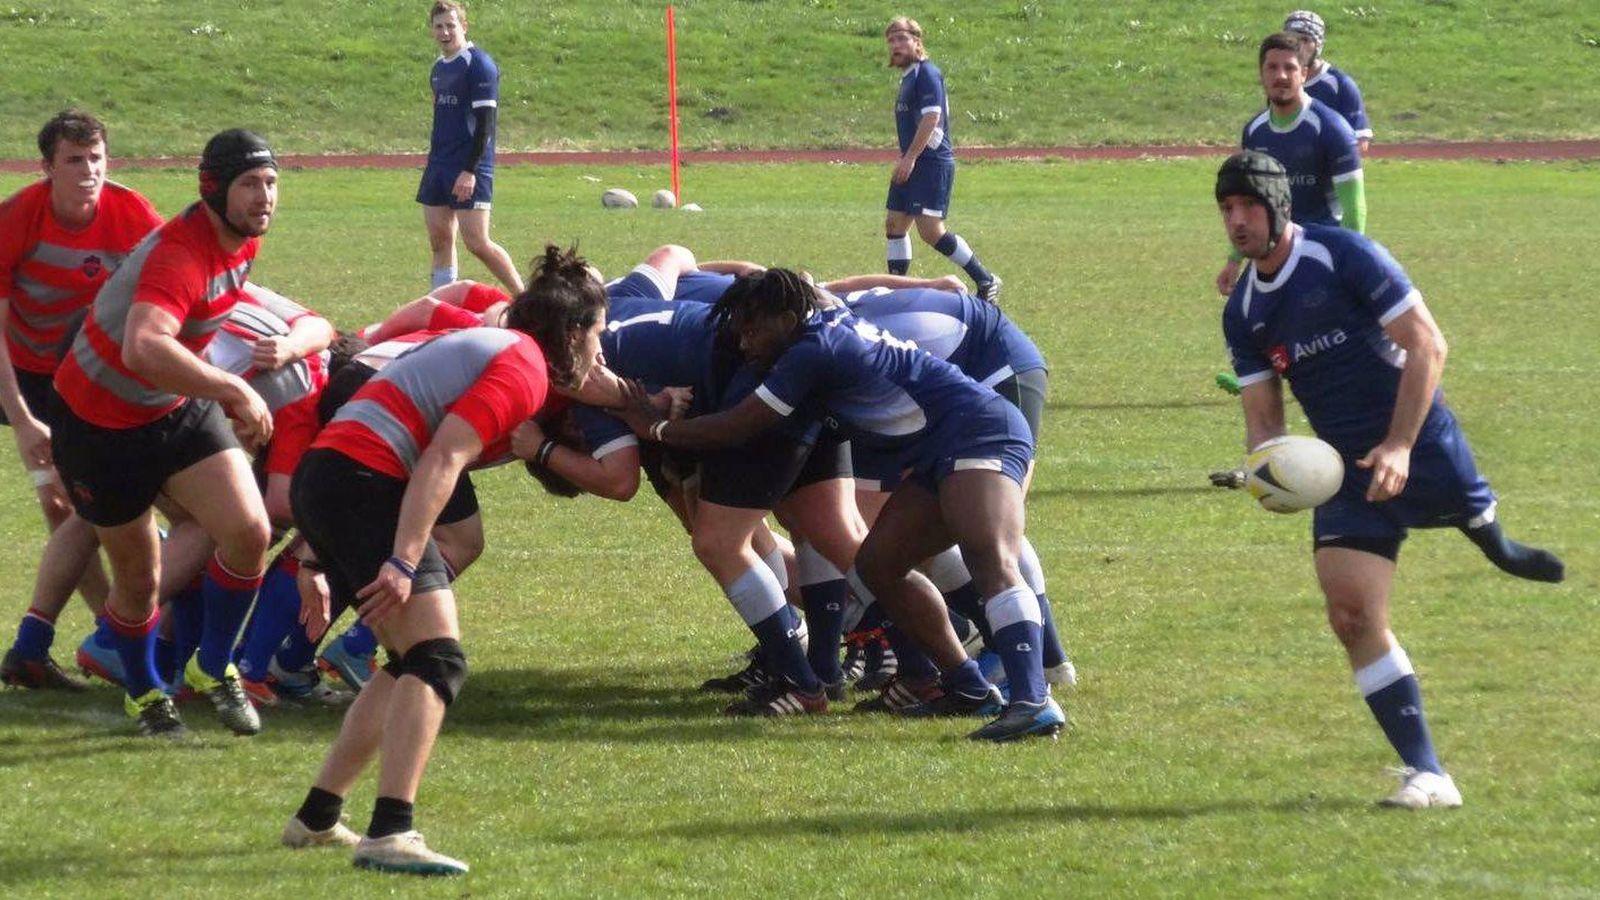 Foto: Nico Pueta, en un partido de rugby.